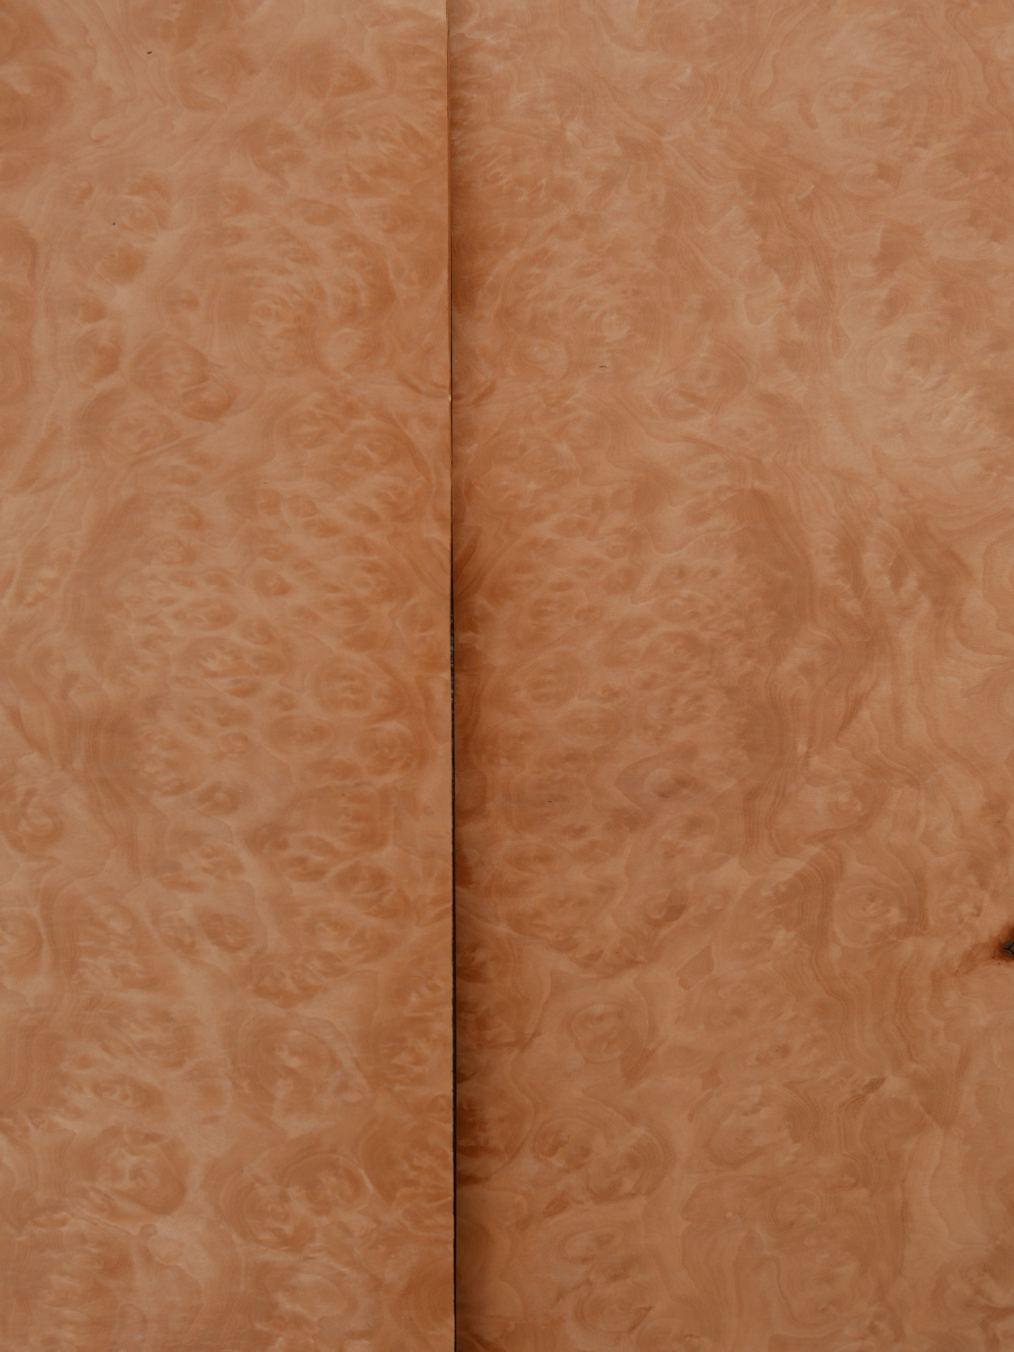 G343x-2 Madrona Wortel 22,5-26x98cm